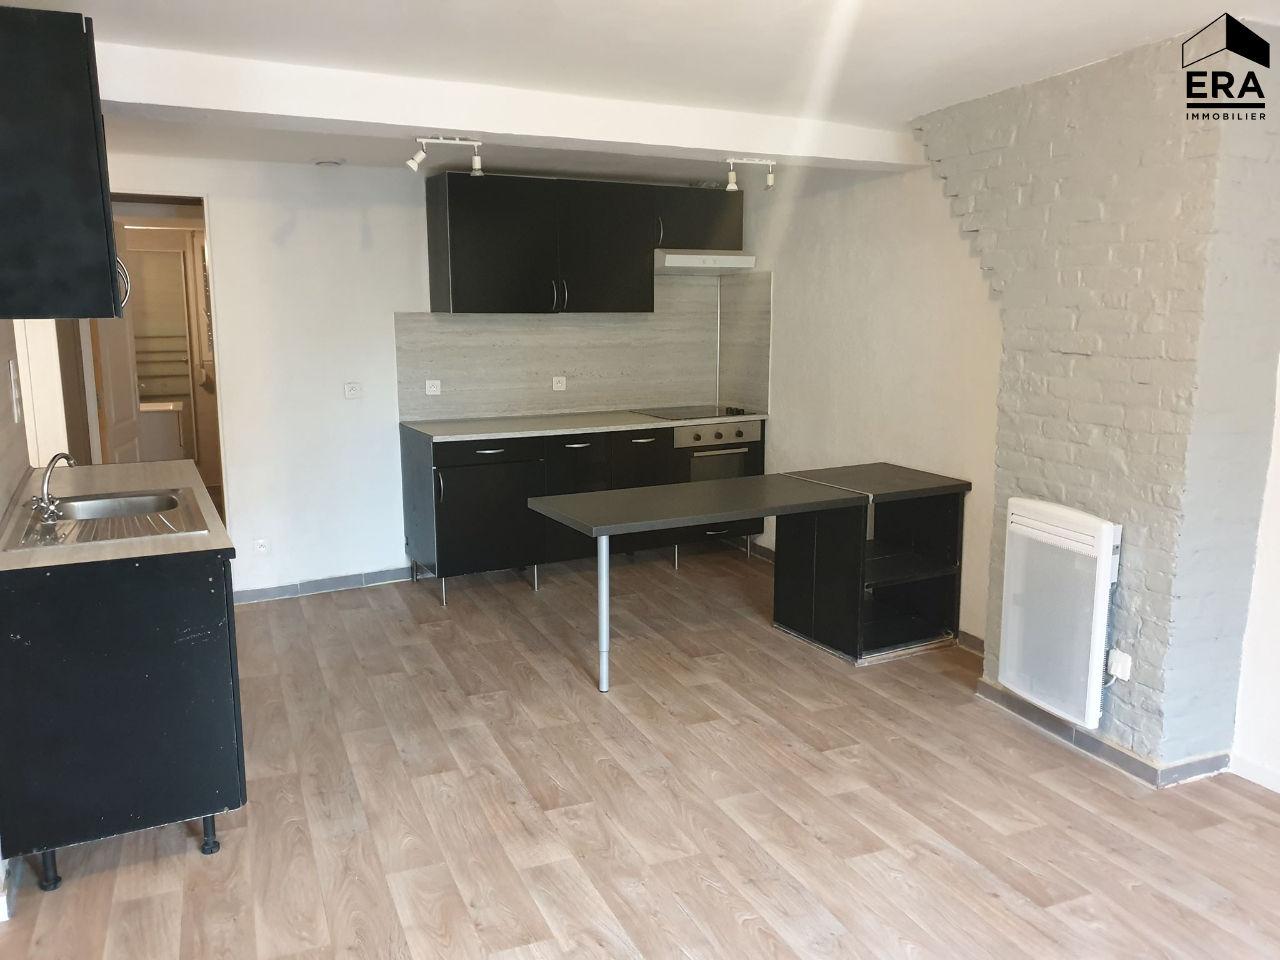 le bon coin pour se loger a boulogne sur mer appartement a vendre 3 pieces 2 chambres salon. Black Bedroom Furniture Sets. Home Design Ideas